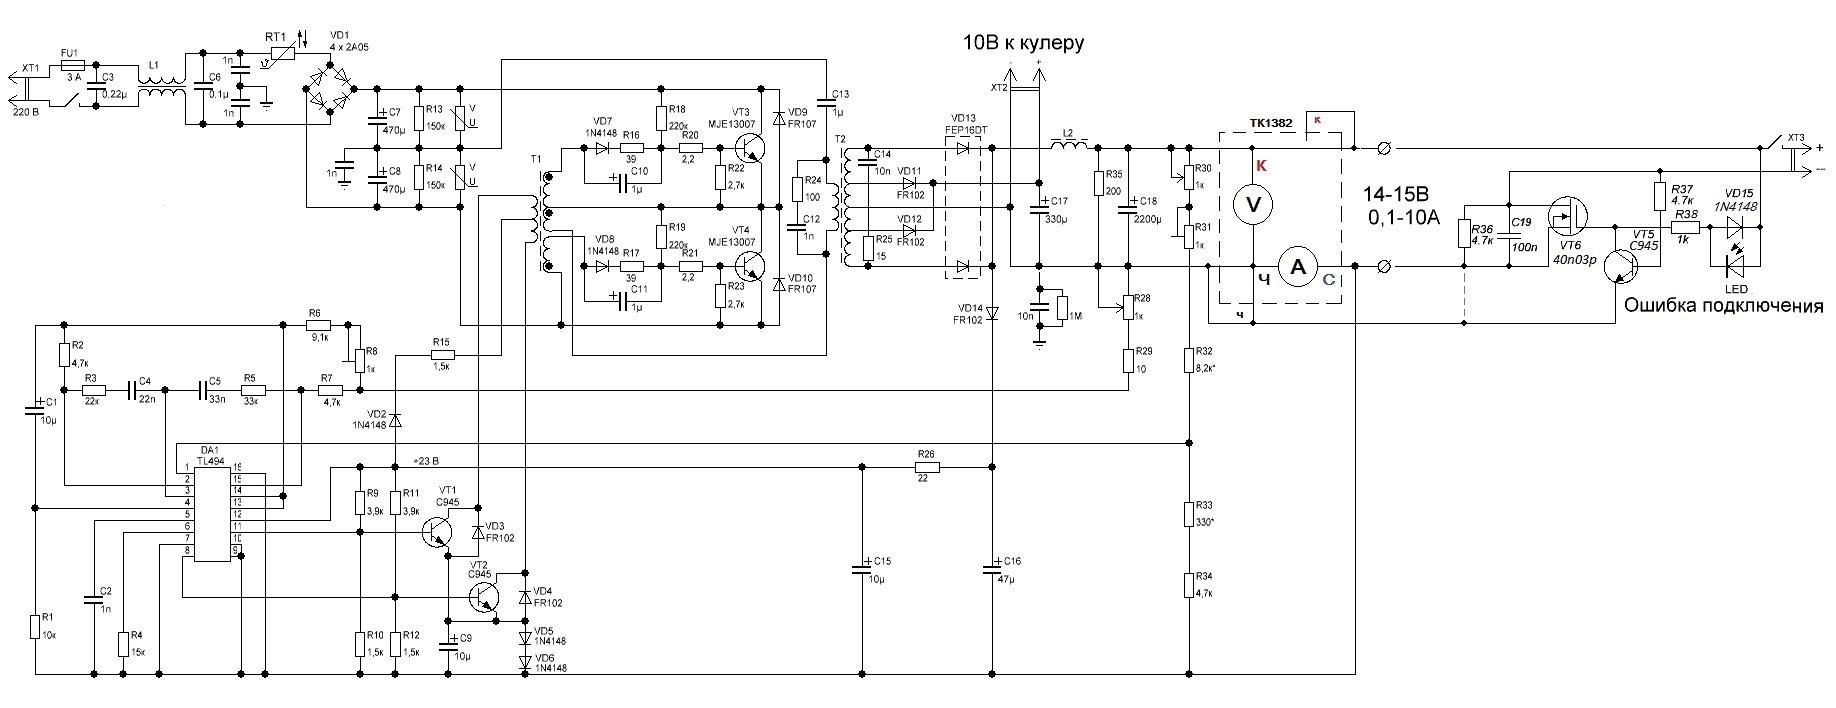 Схема зарядного и блока питания в одном компьютере